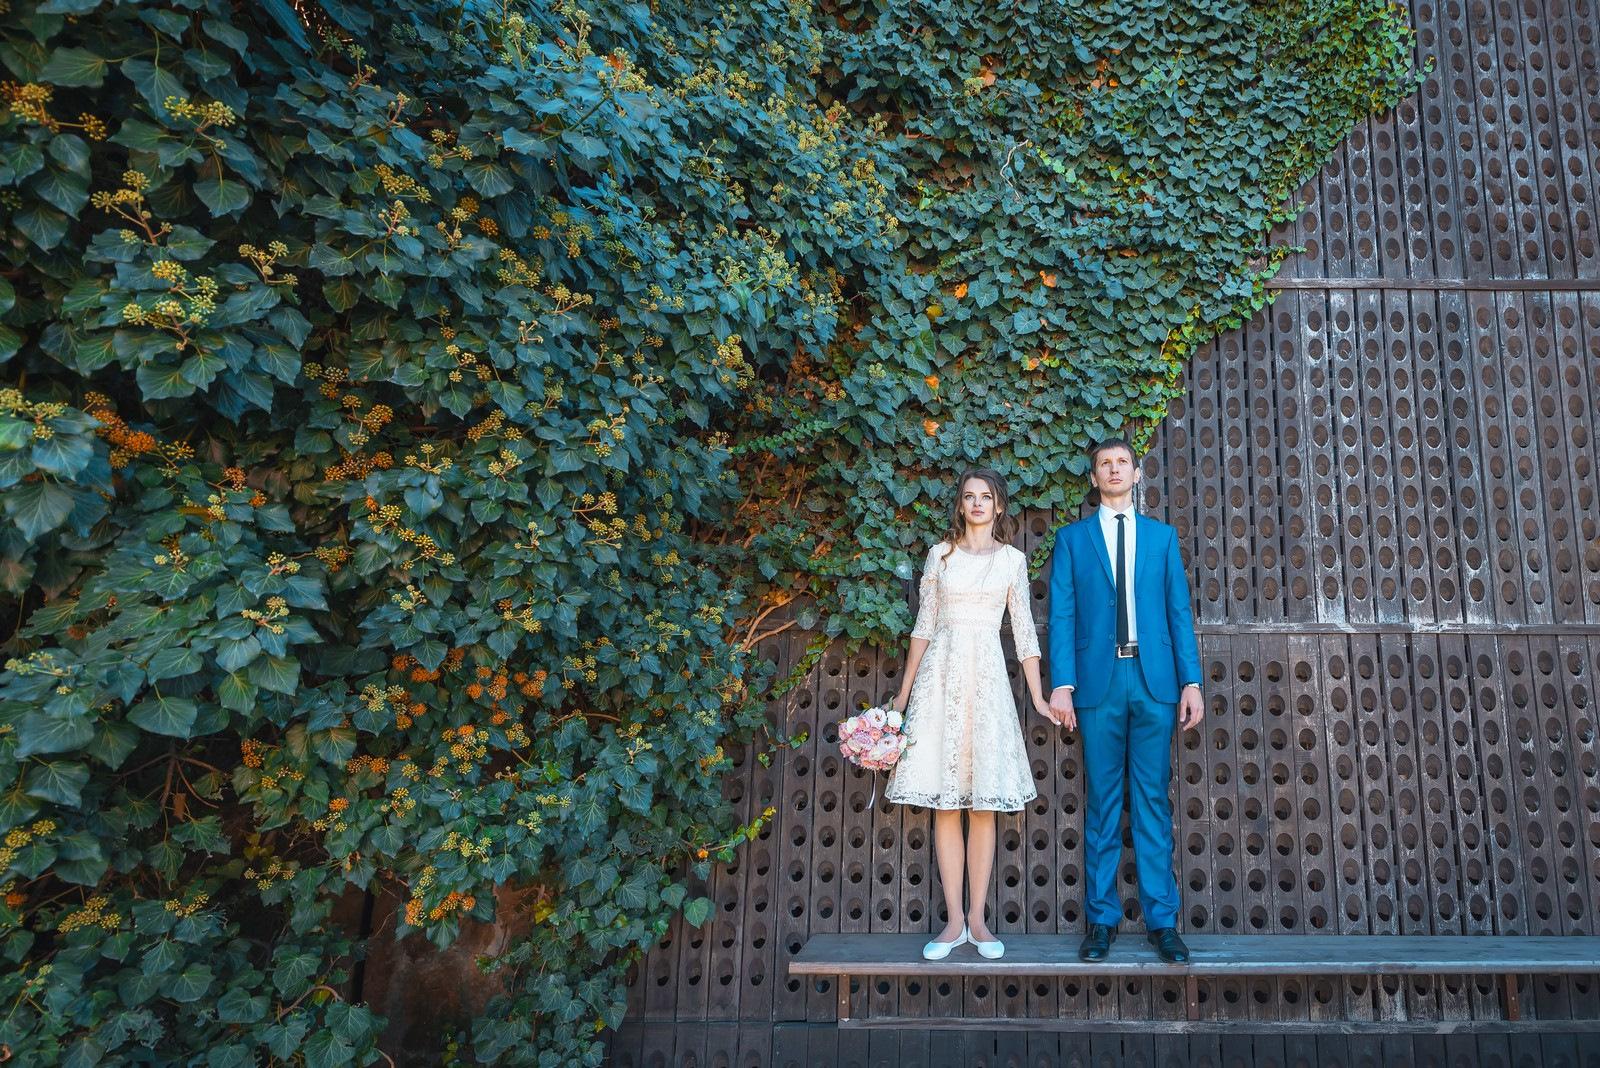 безопасности отчизна, свадебная фотосессия в абрау дюрсо ассортимент